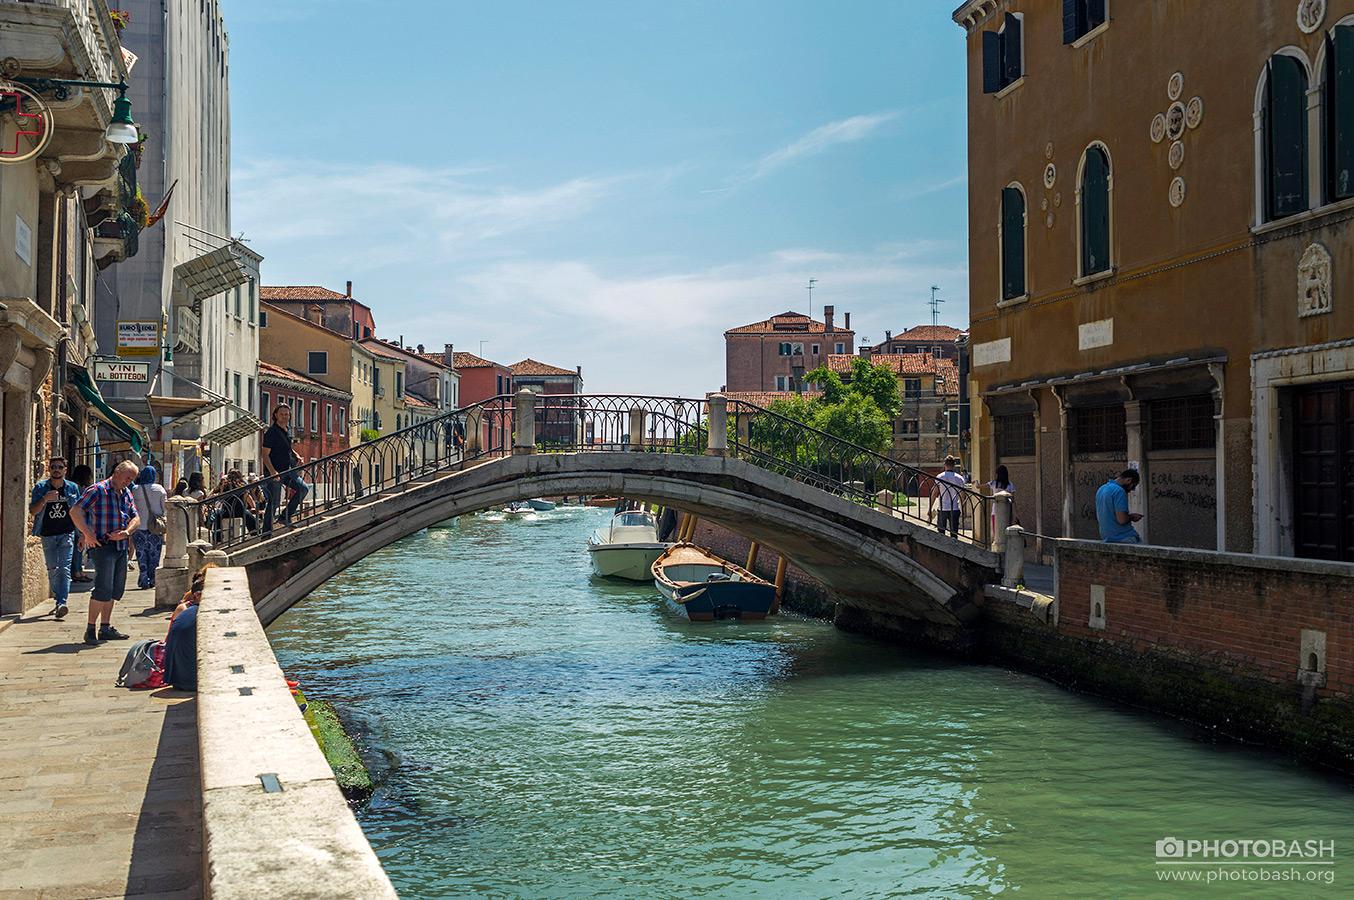 Venice-Canals-Italian-Bridge.jpg